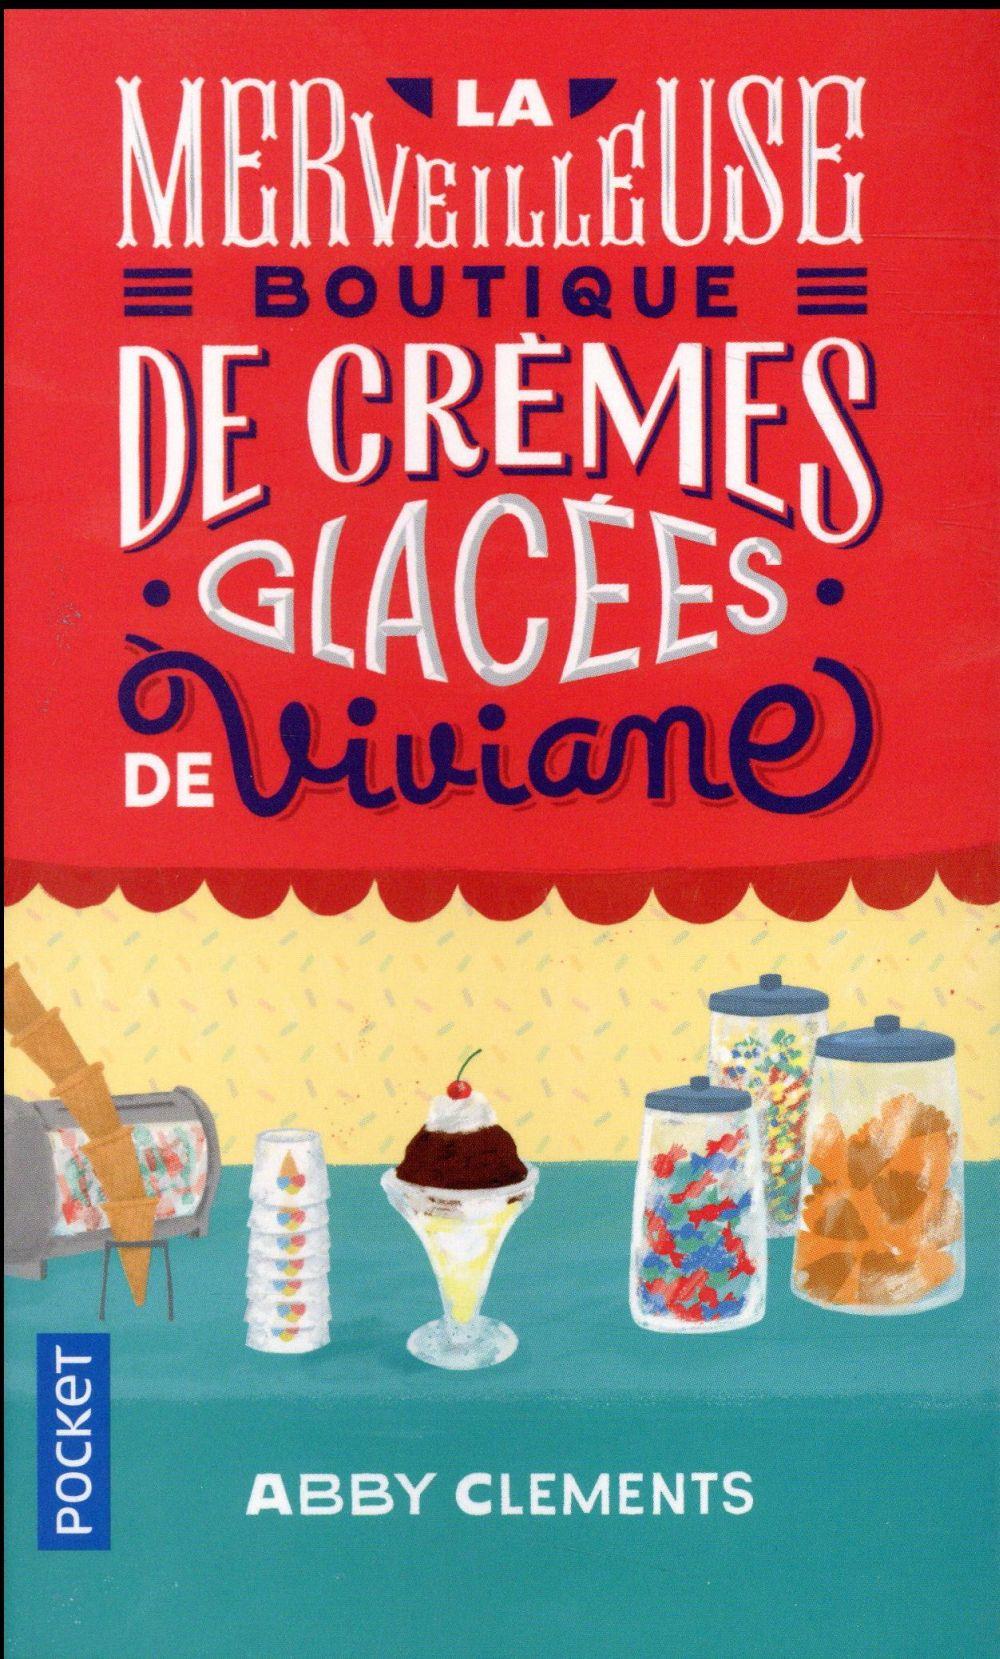 La Merveilleuse Boutique De Cremes Glacees De Viviane